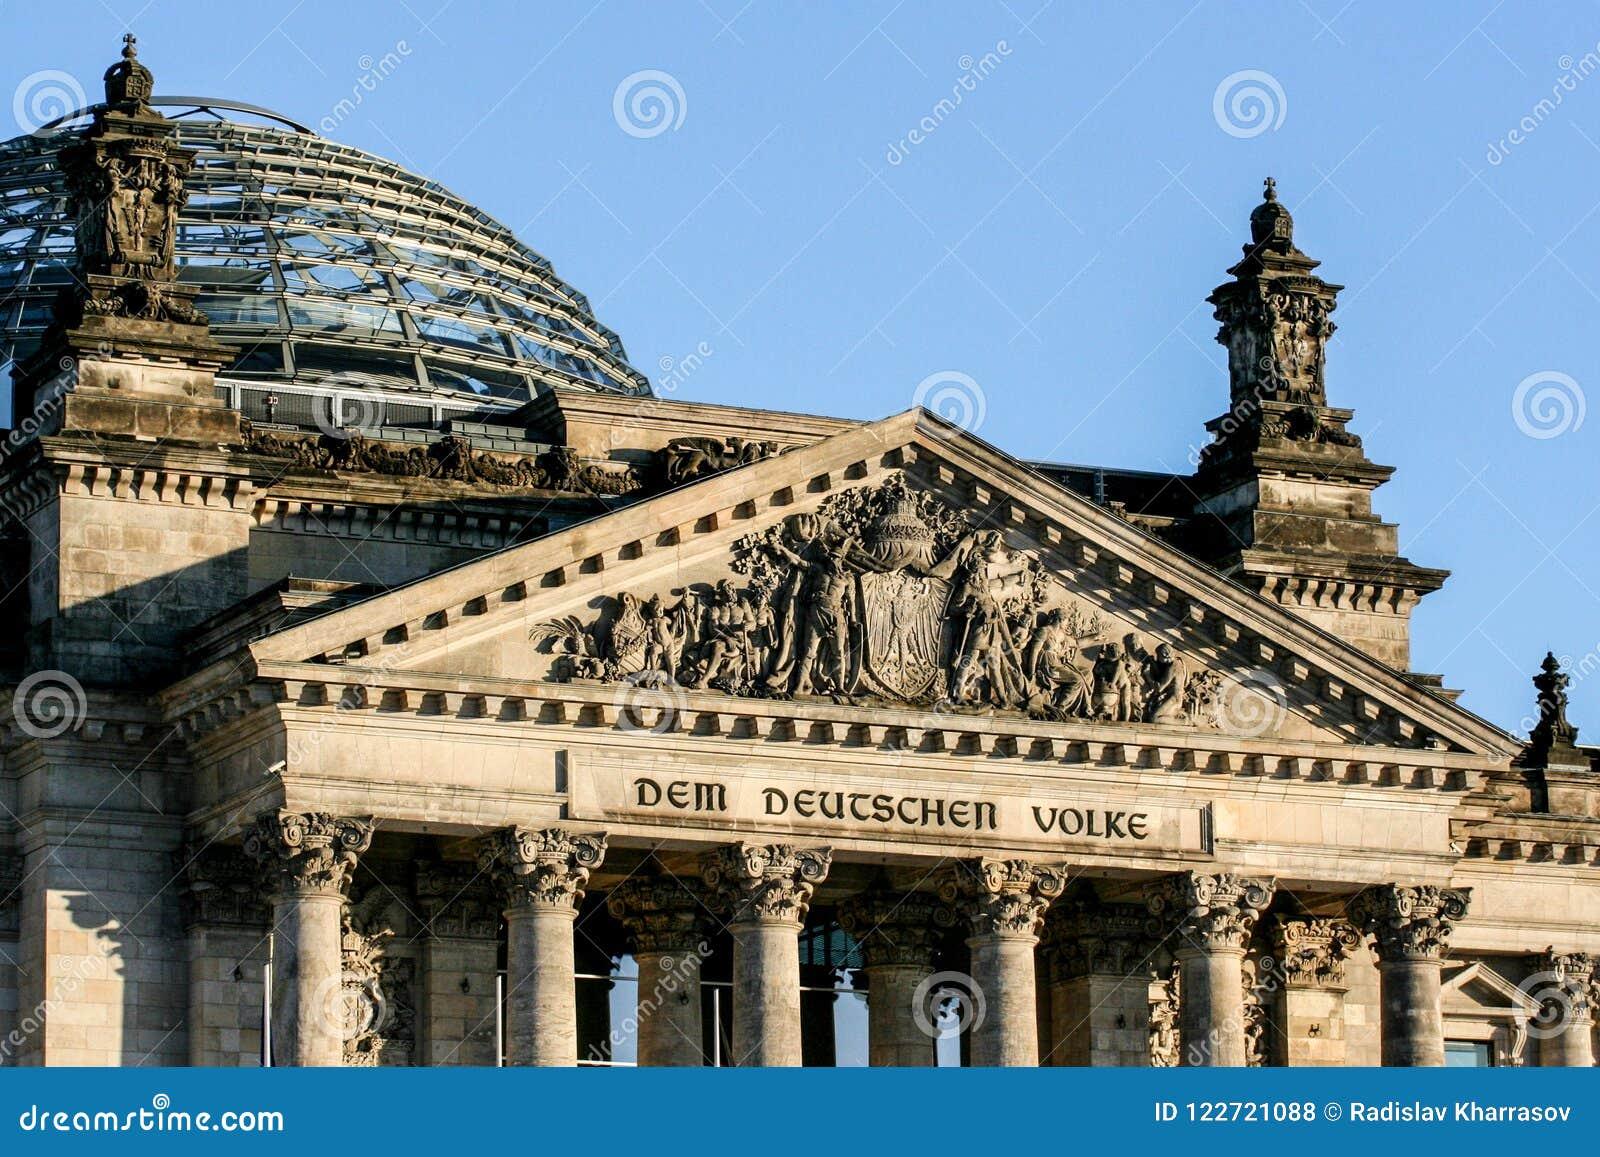 德国的建筑学 大厦在柏林 欧洲旅行在冬天图片